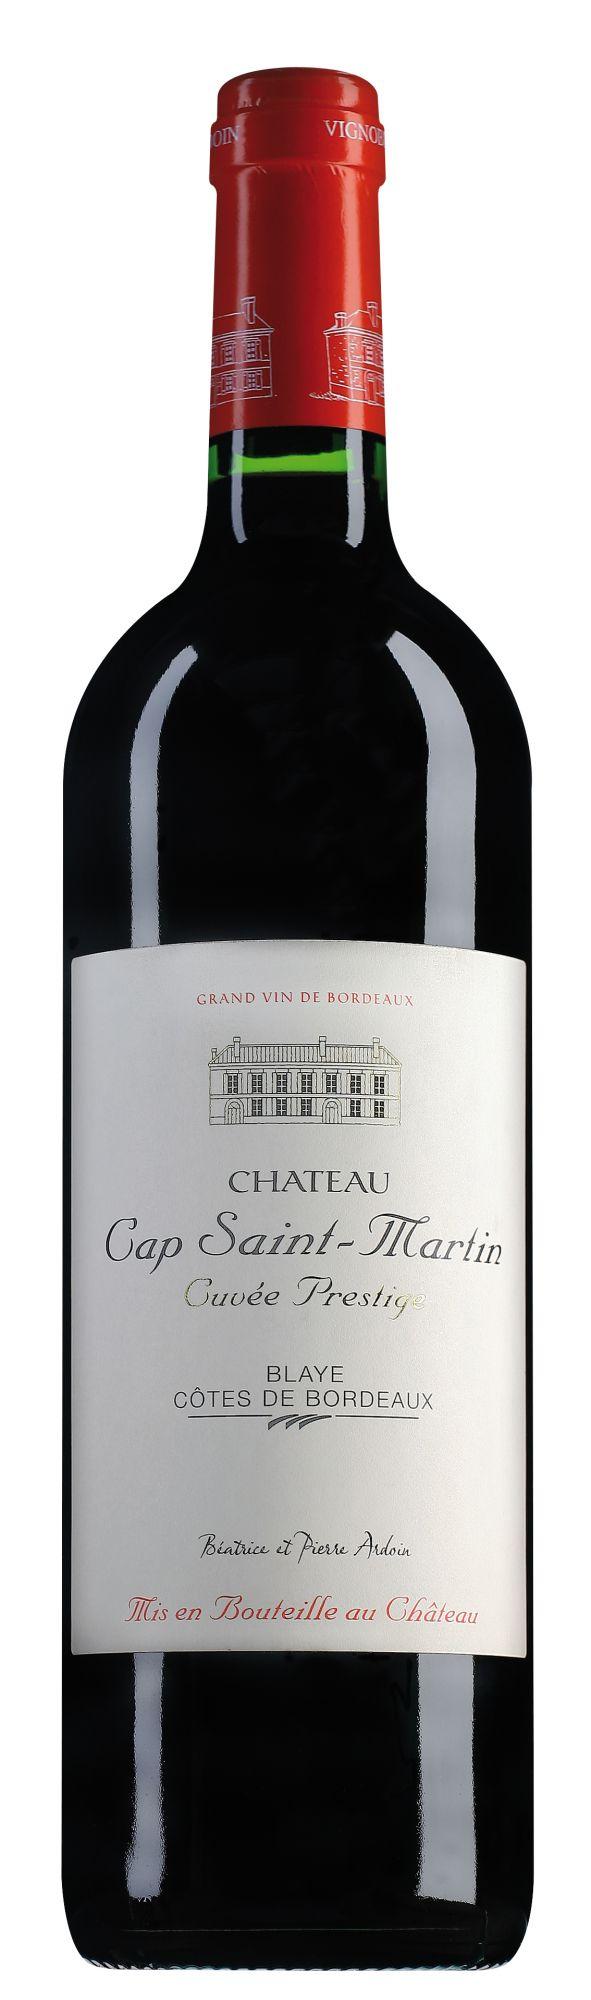 Château Cap Saint-Martin Blaye Côtes de Bordeaux Cuvée Prestige